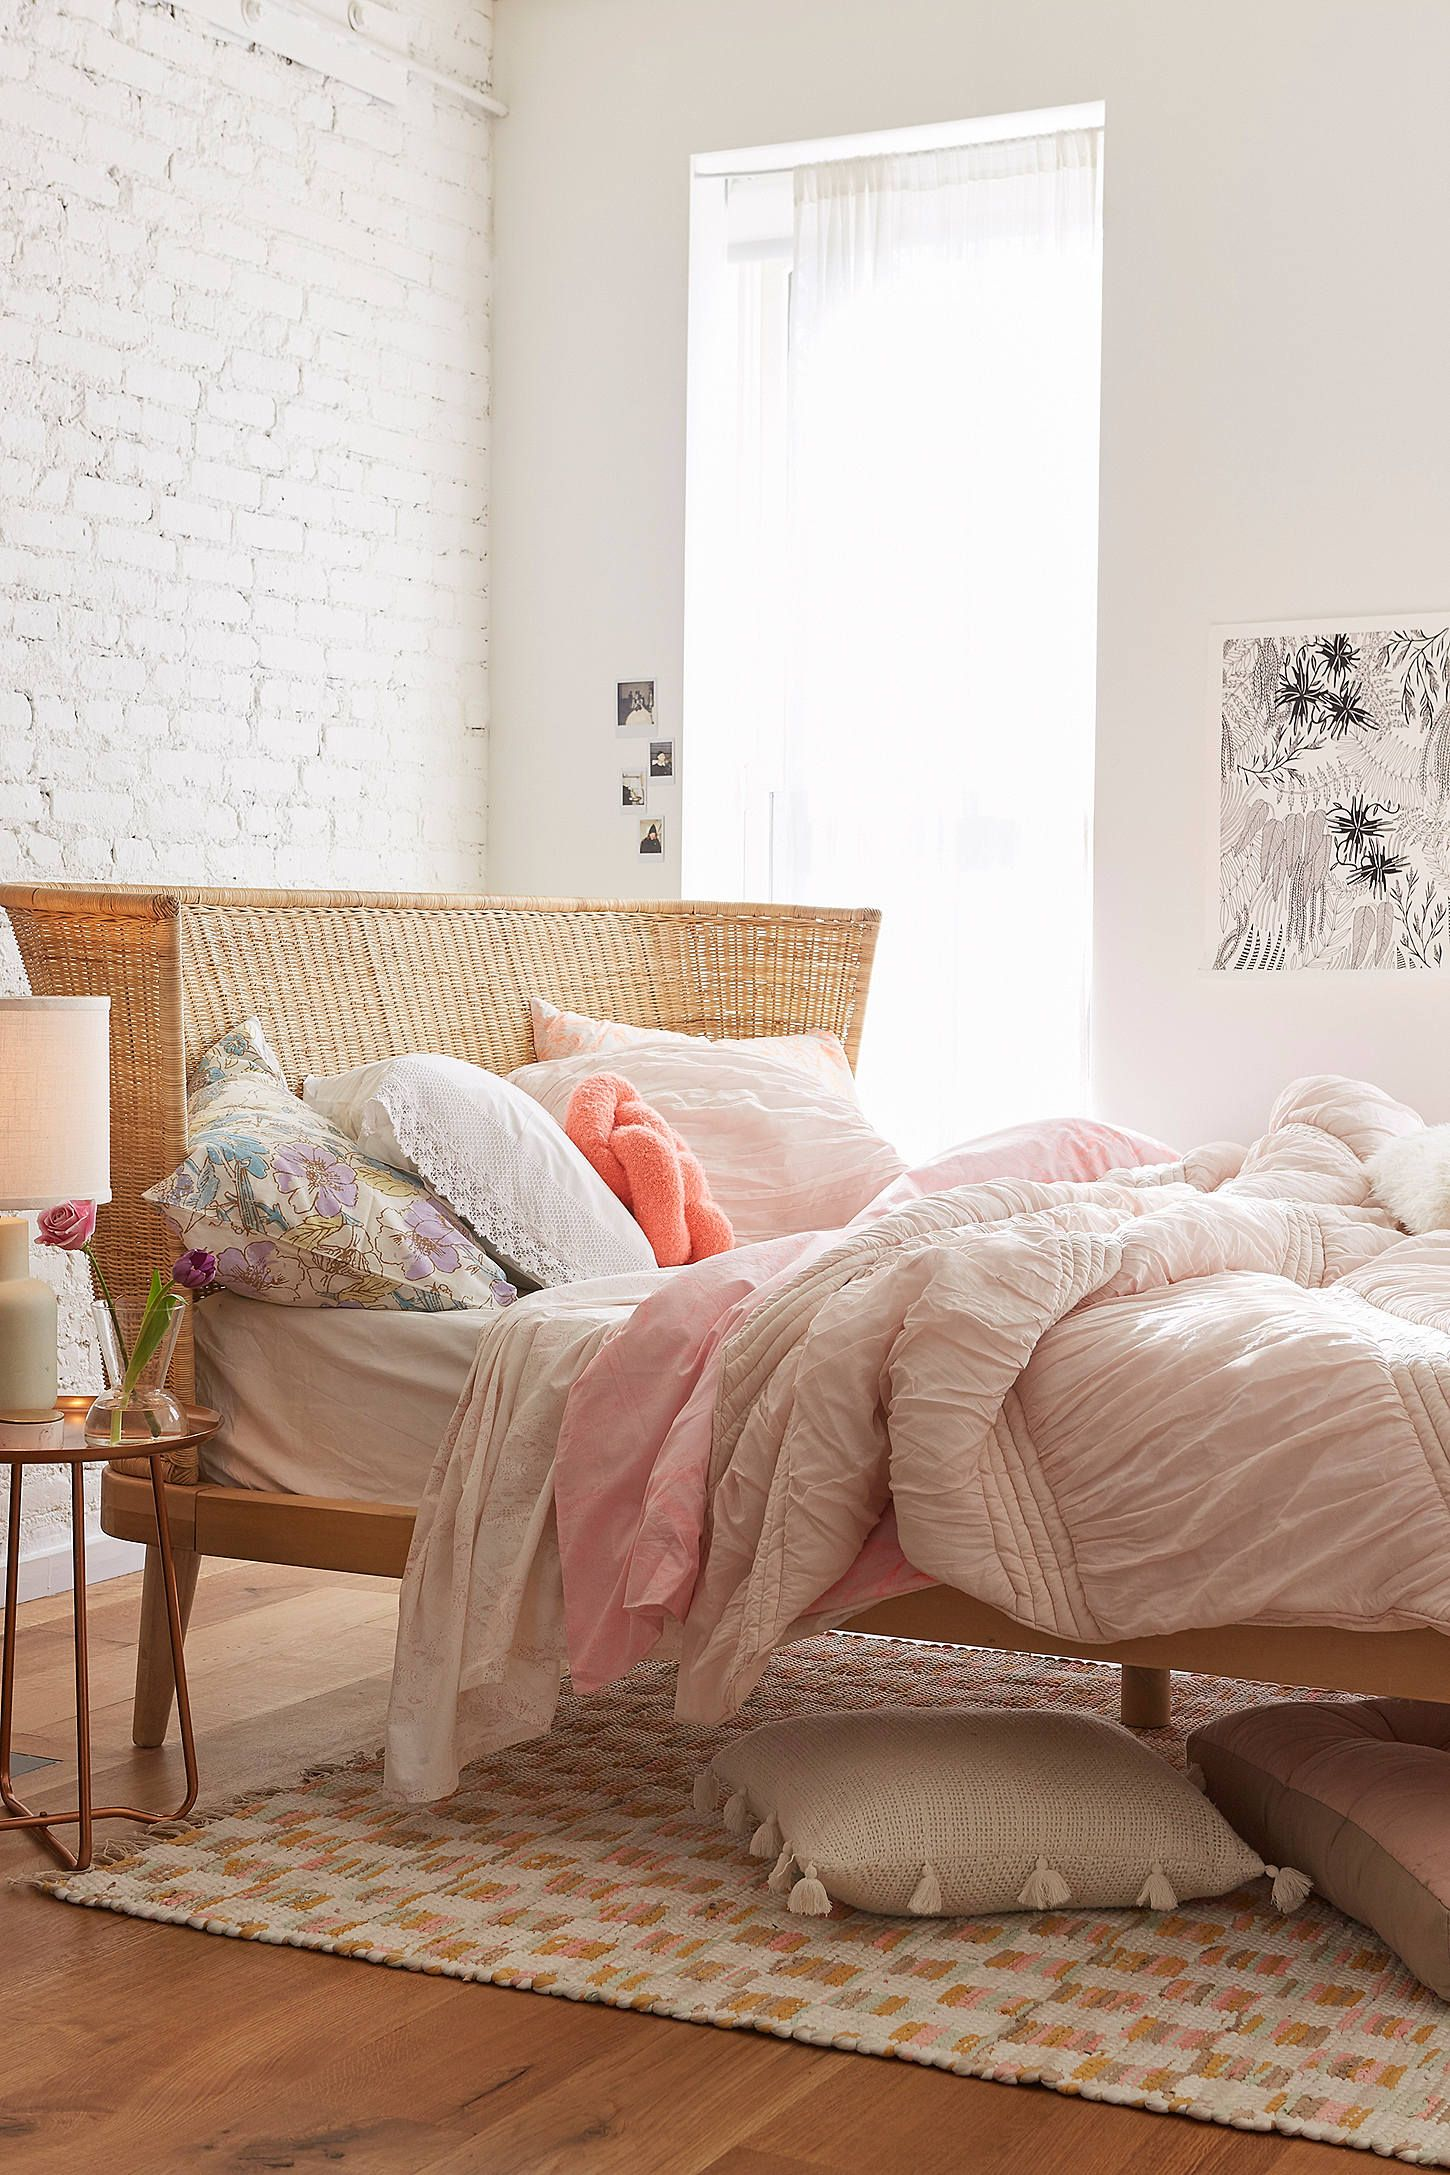 Shop Jens Woven Windsor Platform Bed at